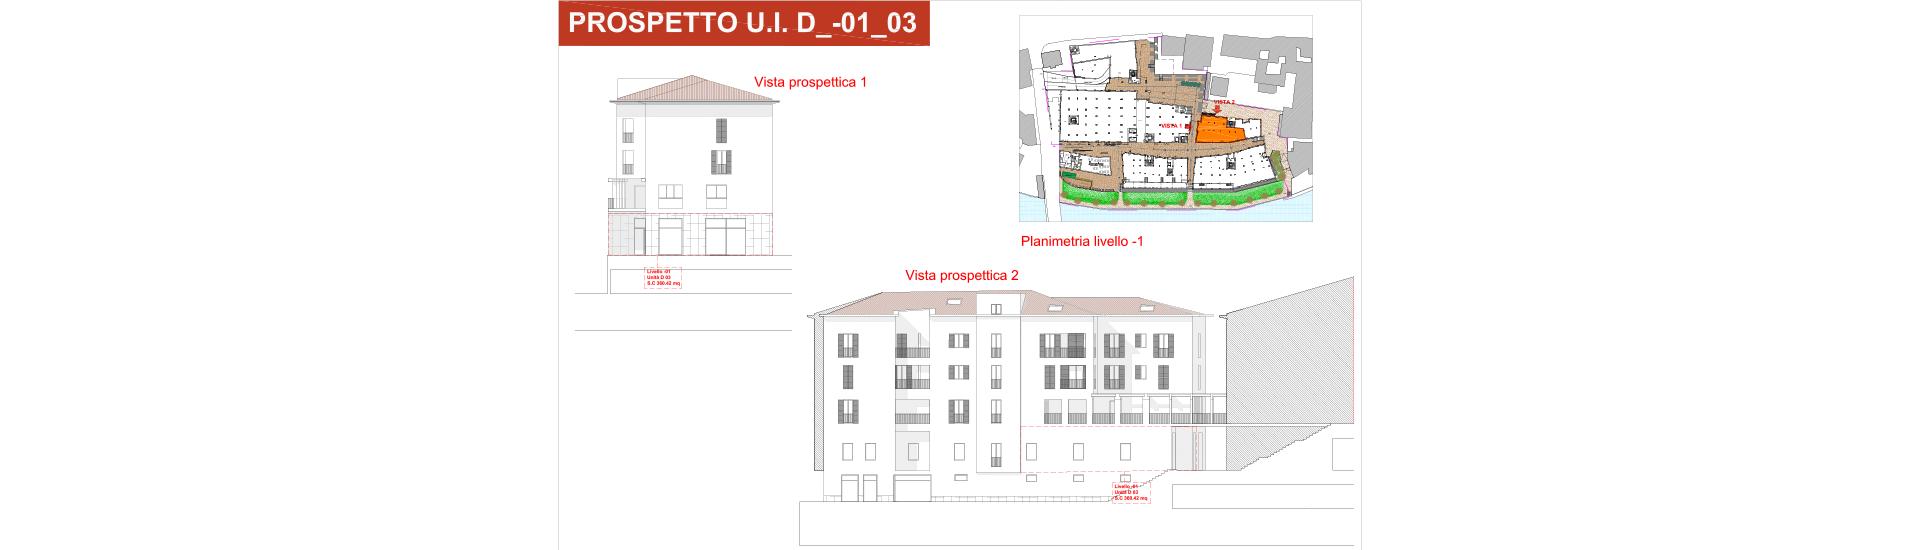 Edificio D, D_-01_03, immagine completa